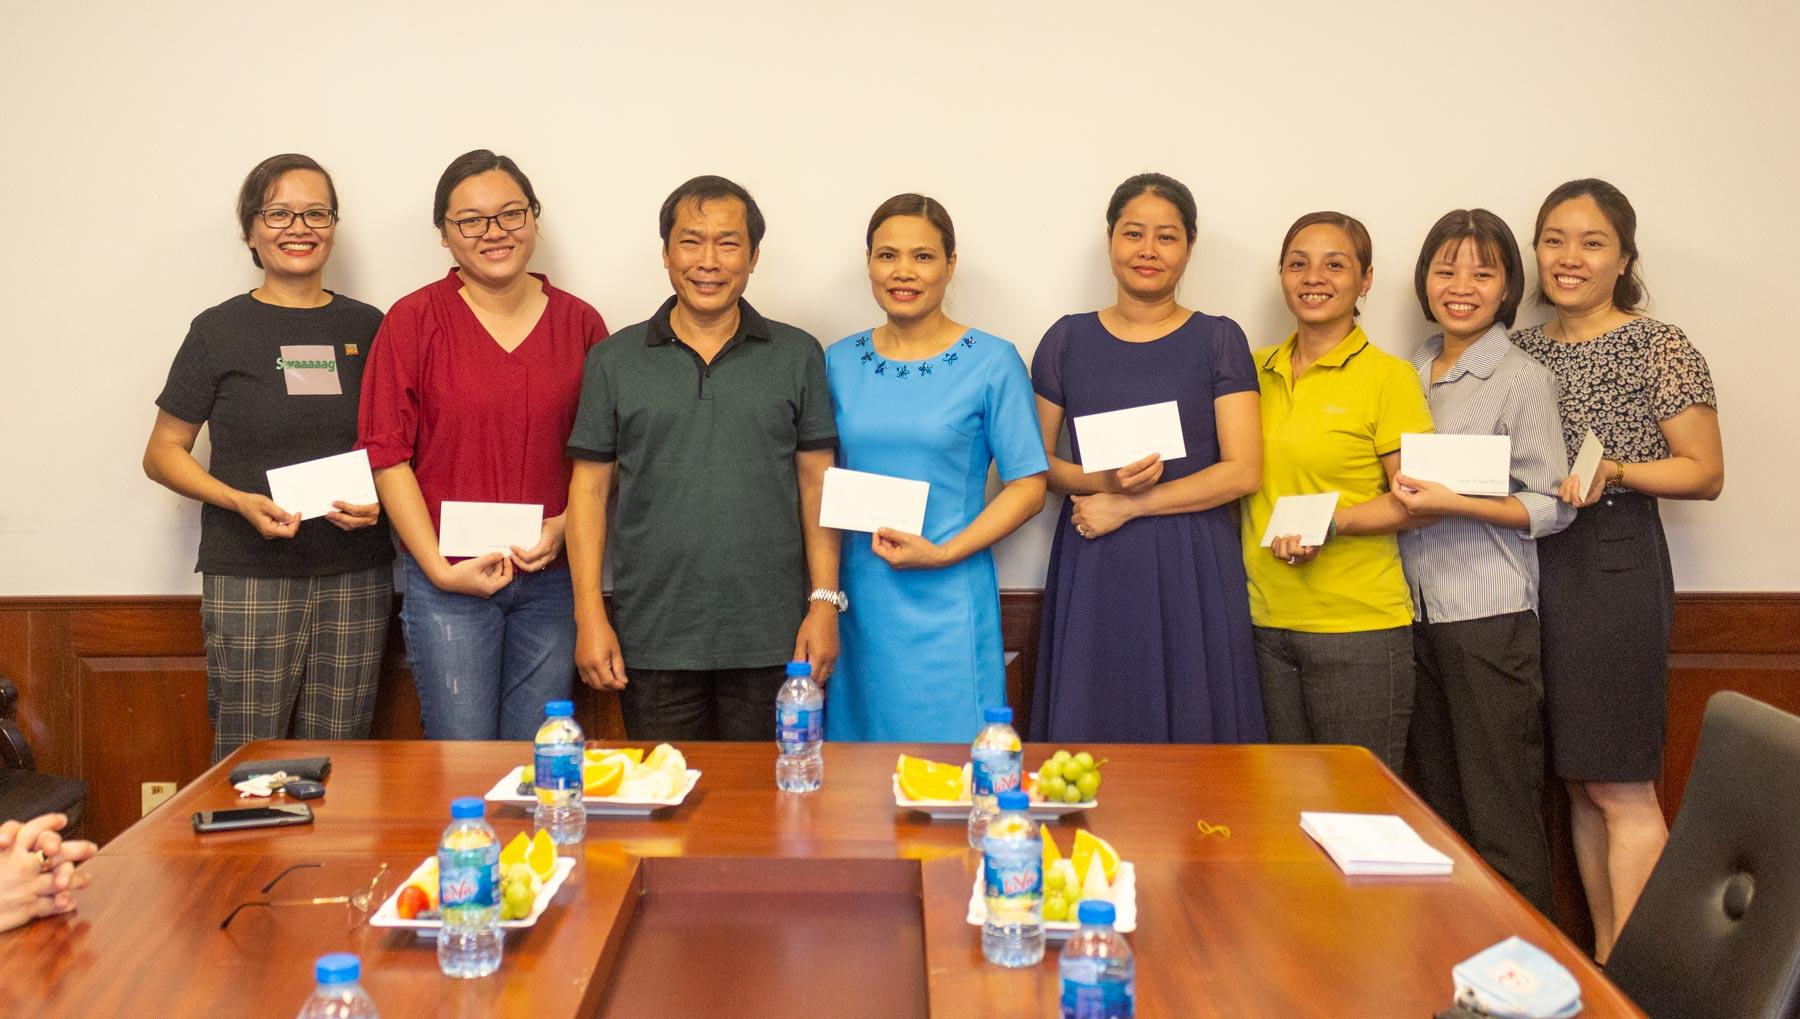 Công Đoàn Vinacam Tổ Chức Toạ Đàm Quốc Tế Phụ Nữ 8/3 Và Sinh Nhật Cho CB-CNV